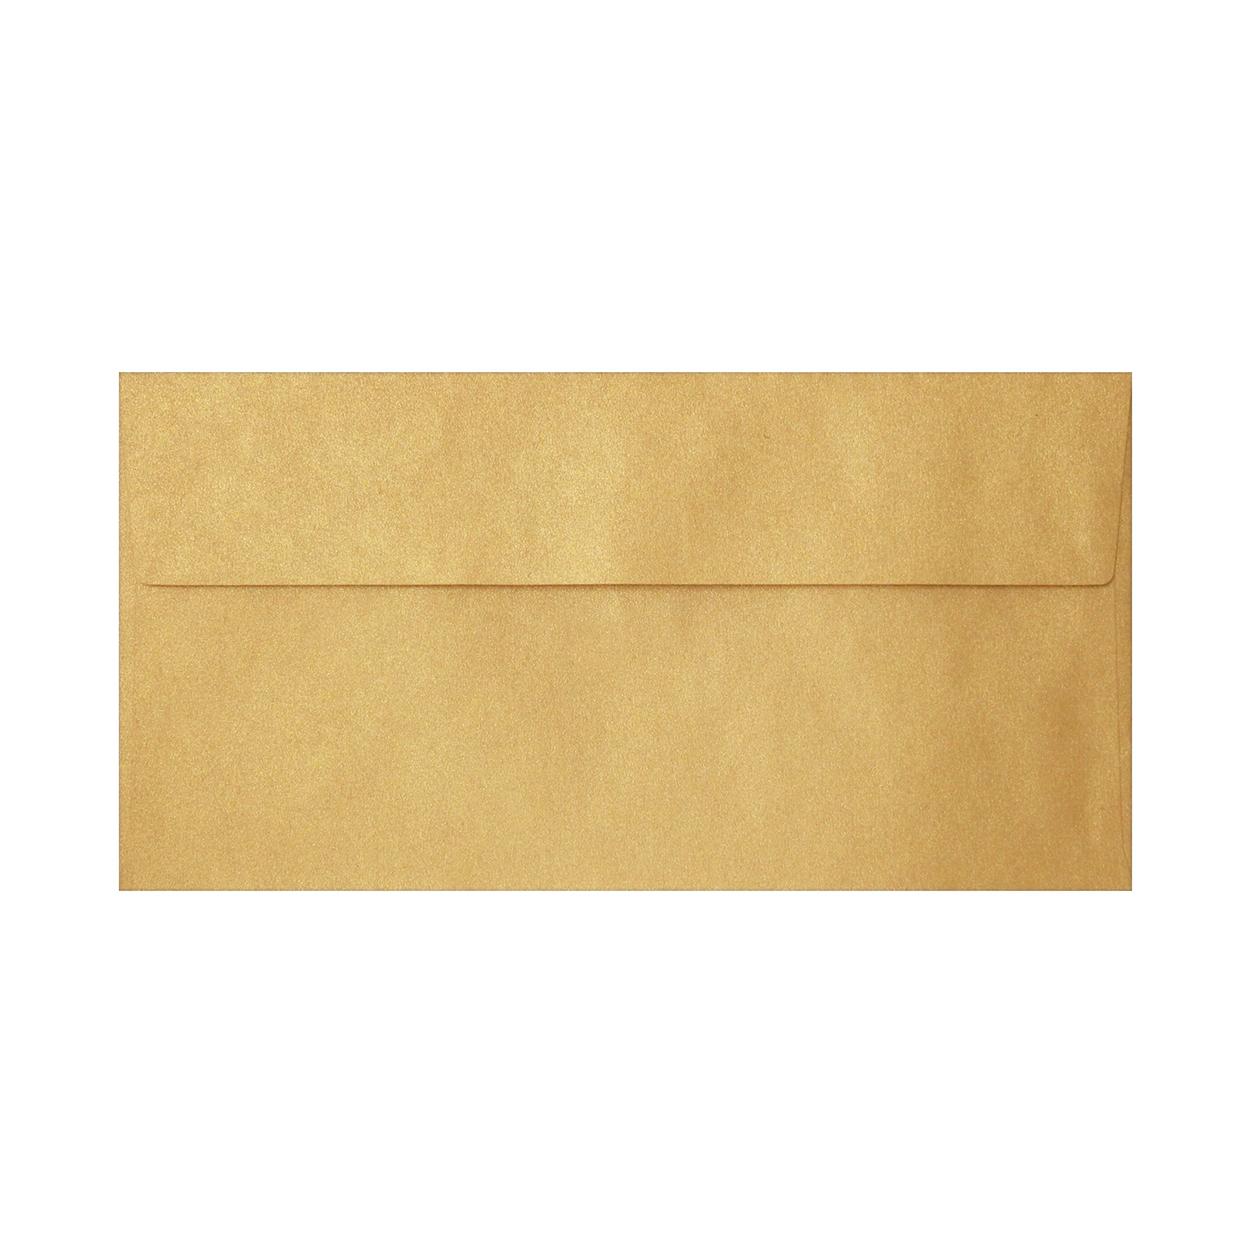 長3カマス封筒 クラシッククラフト ゴールド 107.5g